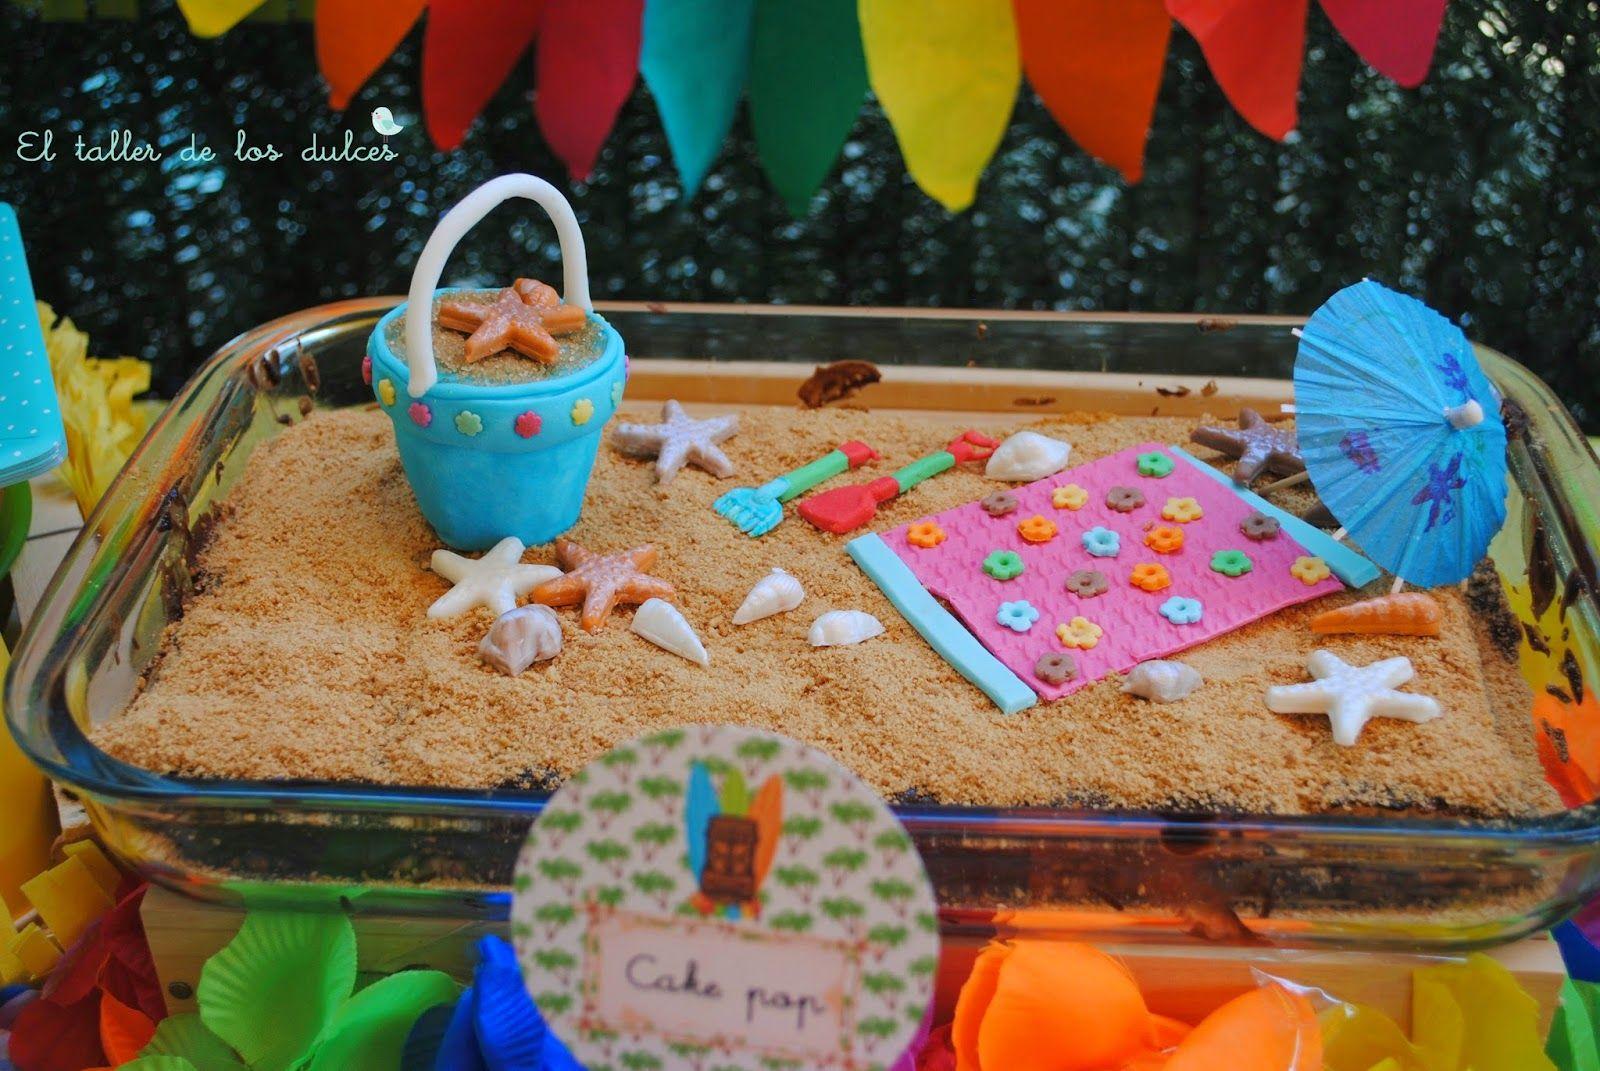 Fiestas y cumplea os ideas decoraci n tropical verano for Decoracion verano jardin infantil